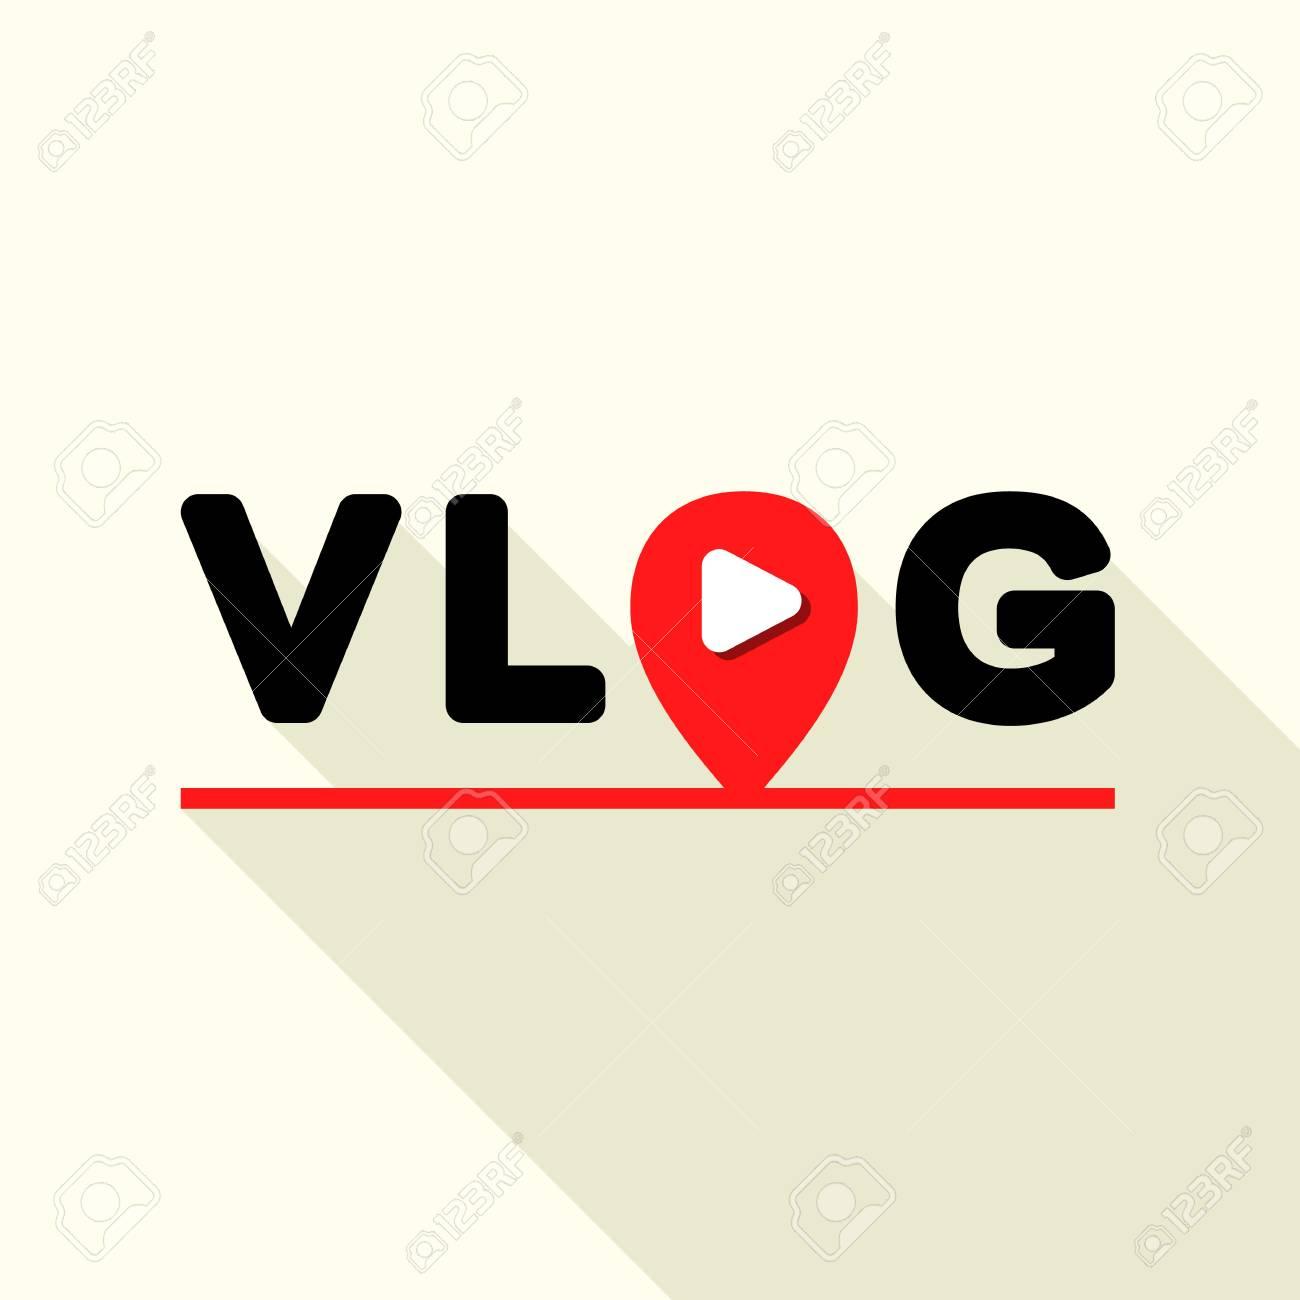 Vlog logo, flat style - 119569411